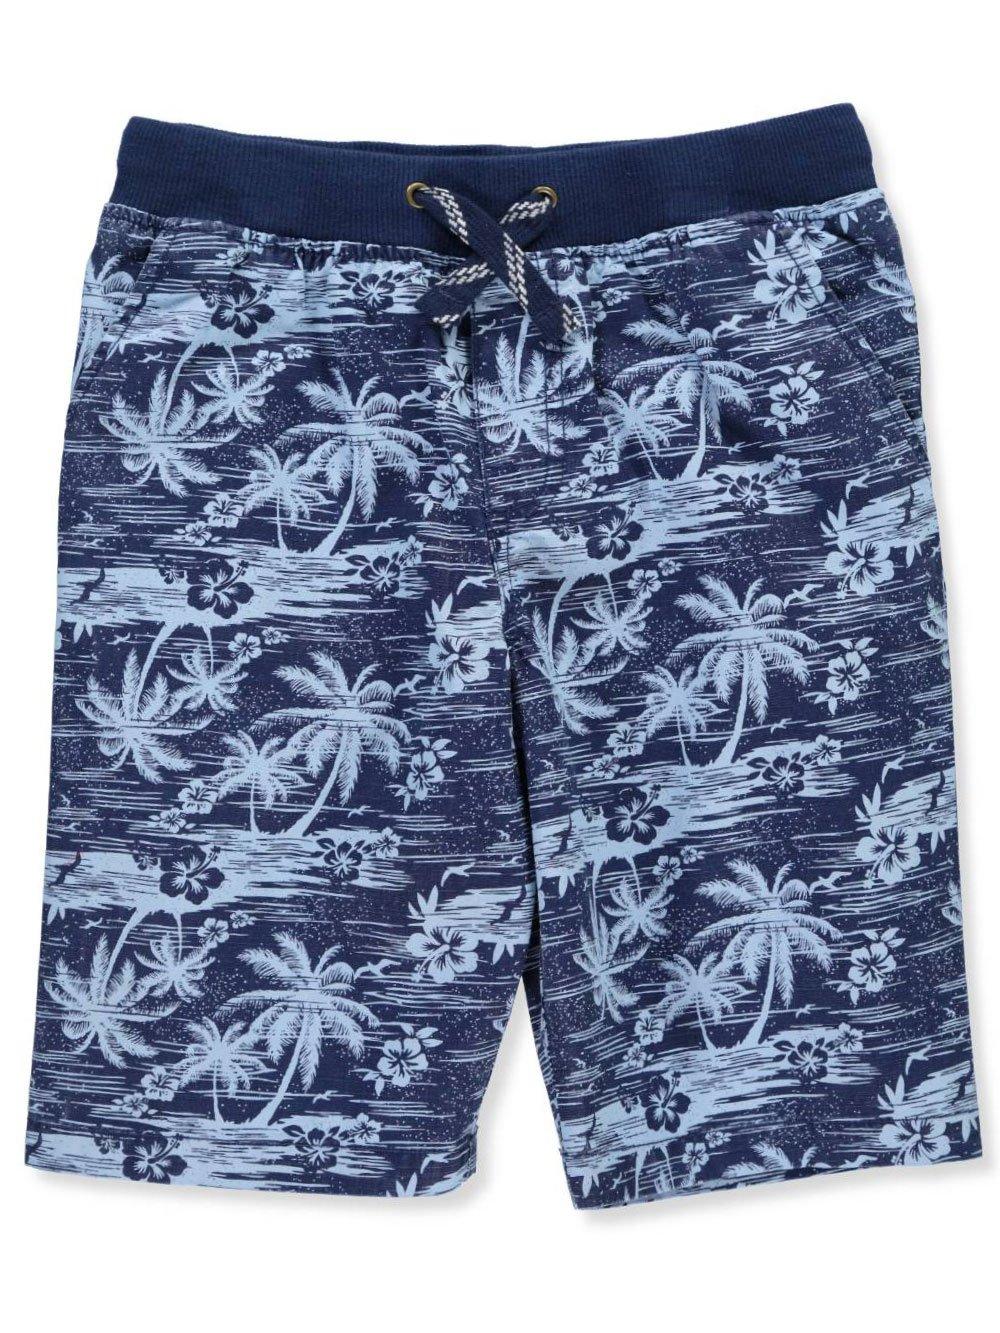 Carter's Boys' Bermuda Shorts Carter' s